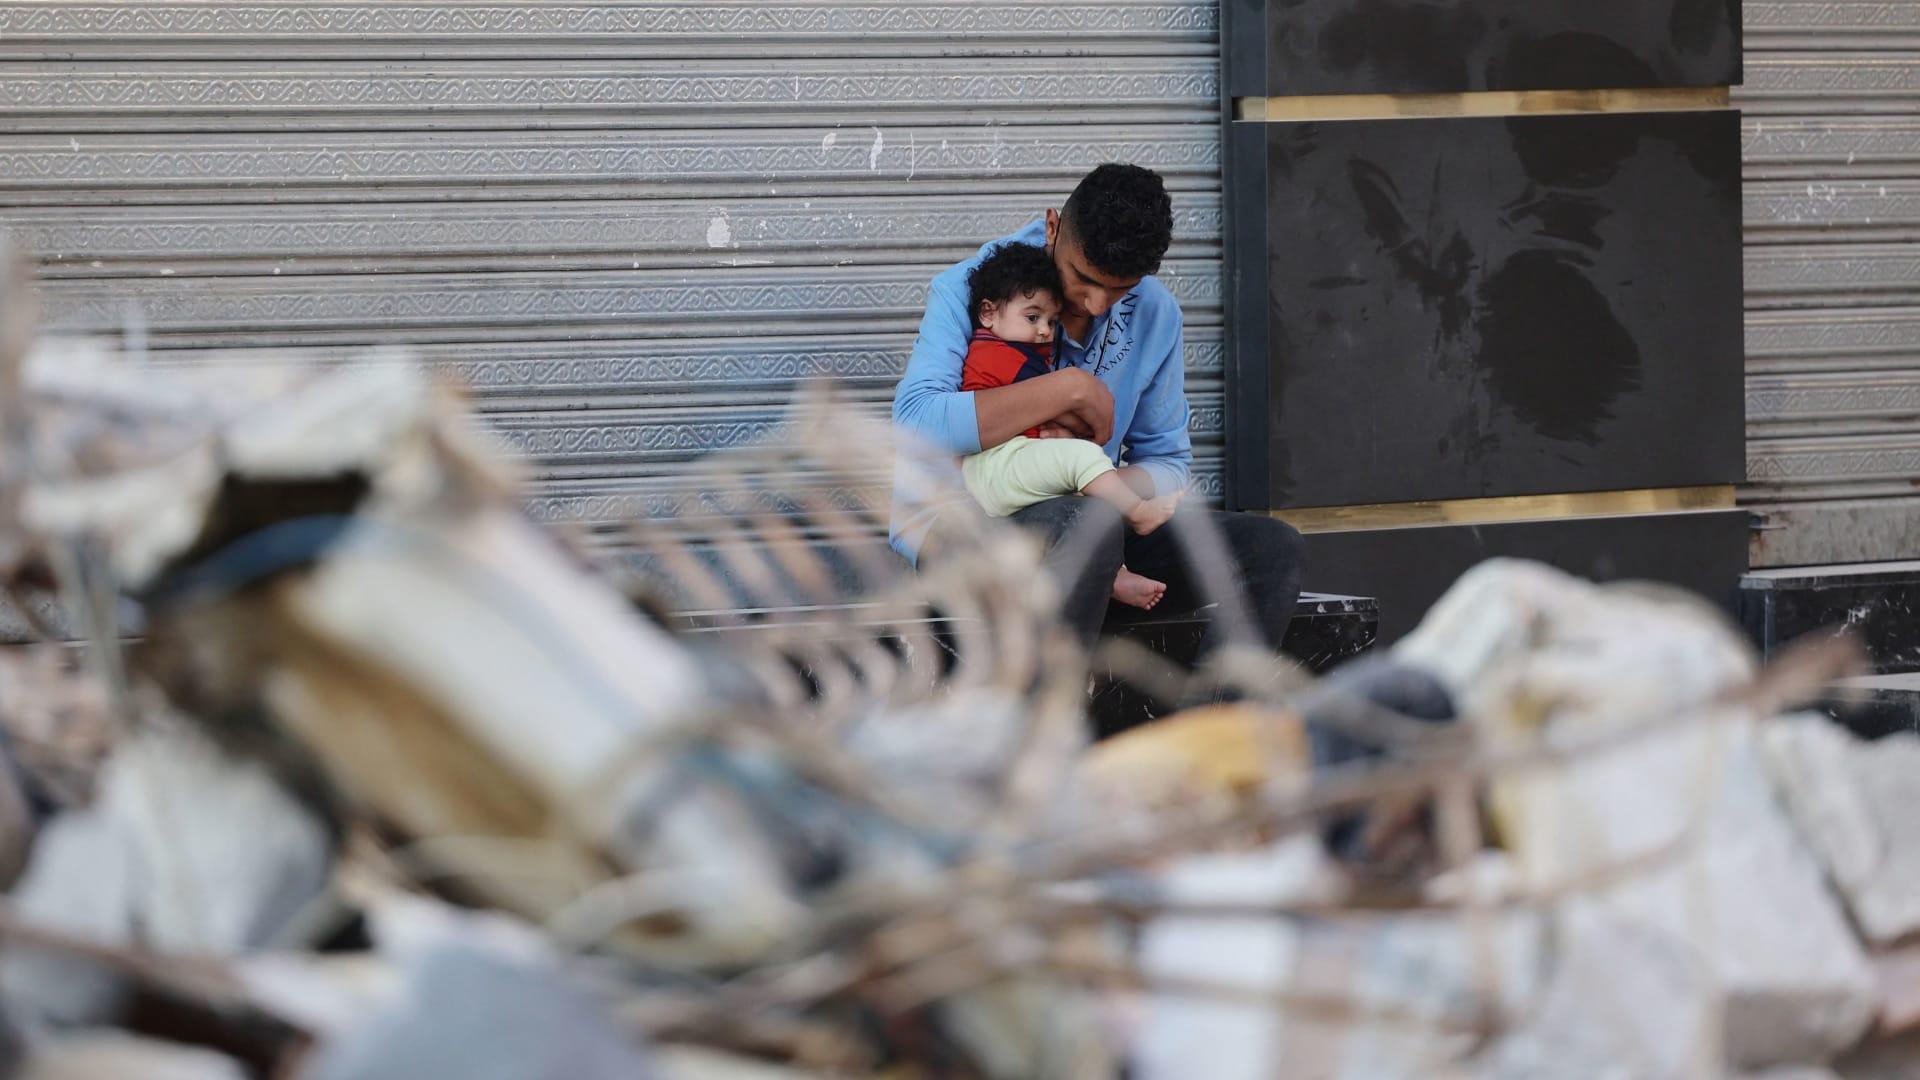 الدوحة تدين استهداف مبنى الهلال الأحمر القطري في غزة.. والخاطر تنشر صورا